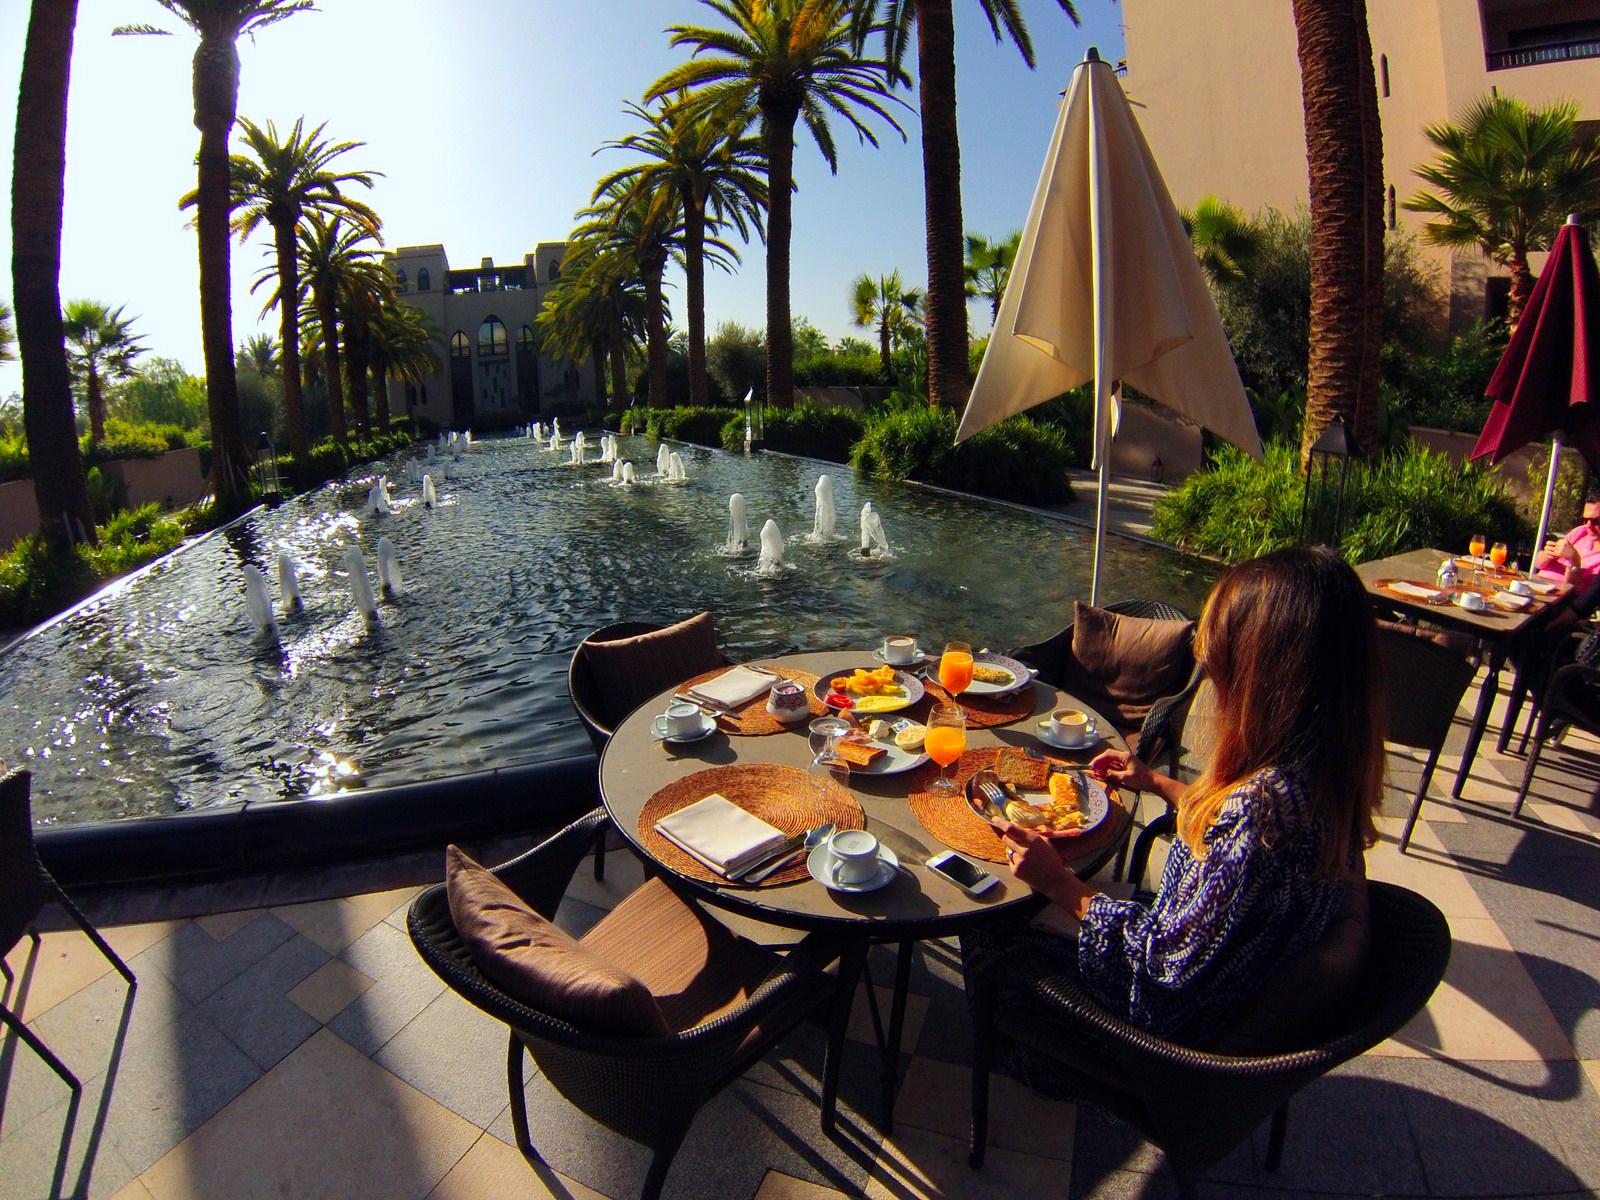 Un placer desayunar así cada mañana four seasons marrakech - 15907896935 ceeff4050d h - Four Seasons Marrakech, oasis en la ciudad roja